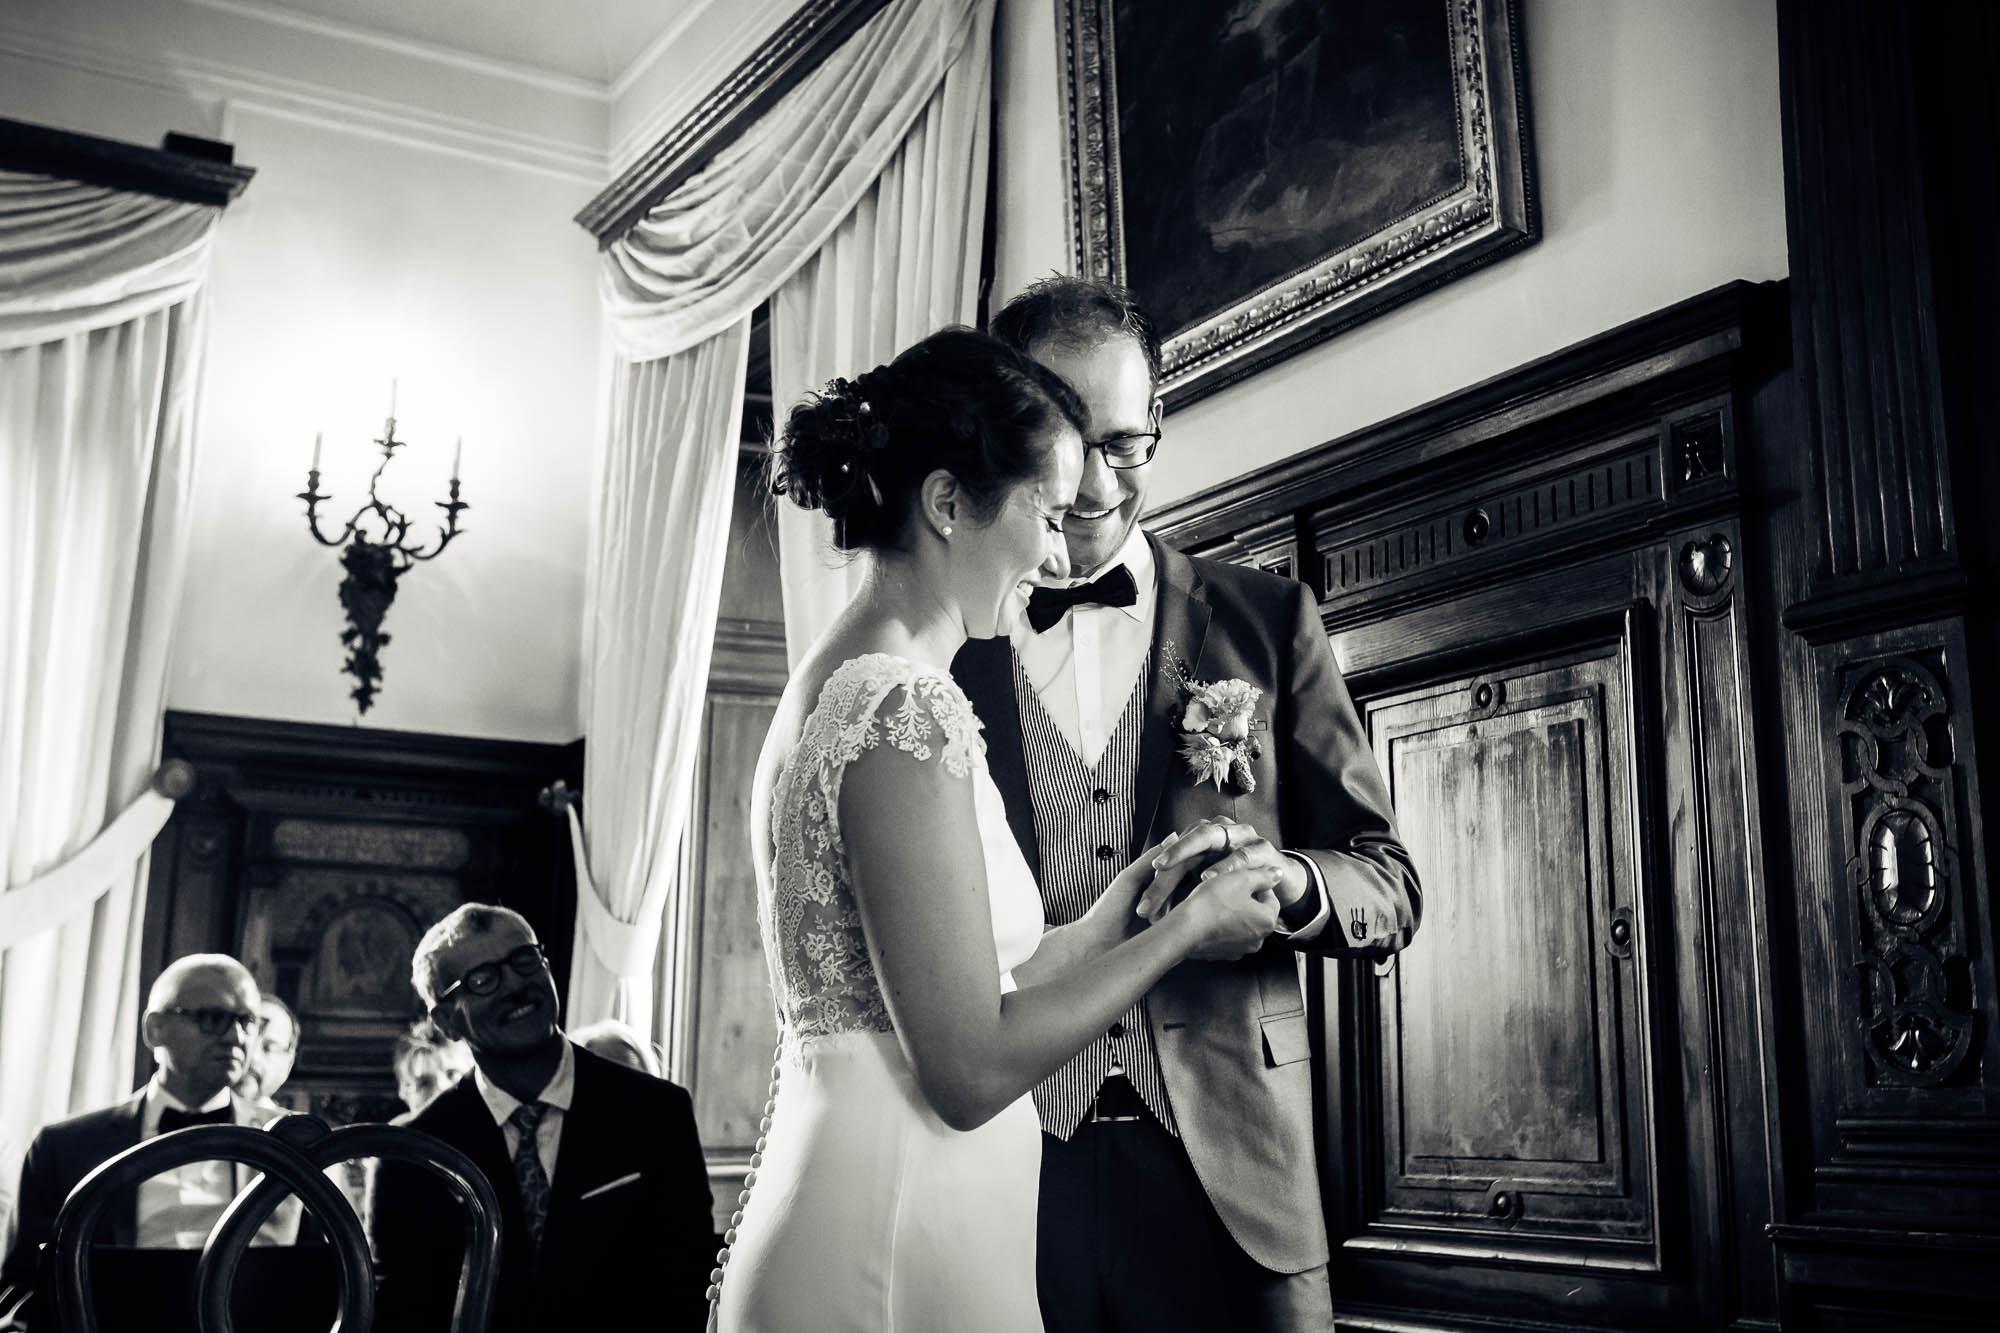 Brautpaar steckt Ring an und Brautvater schaut zu